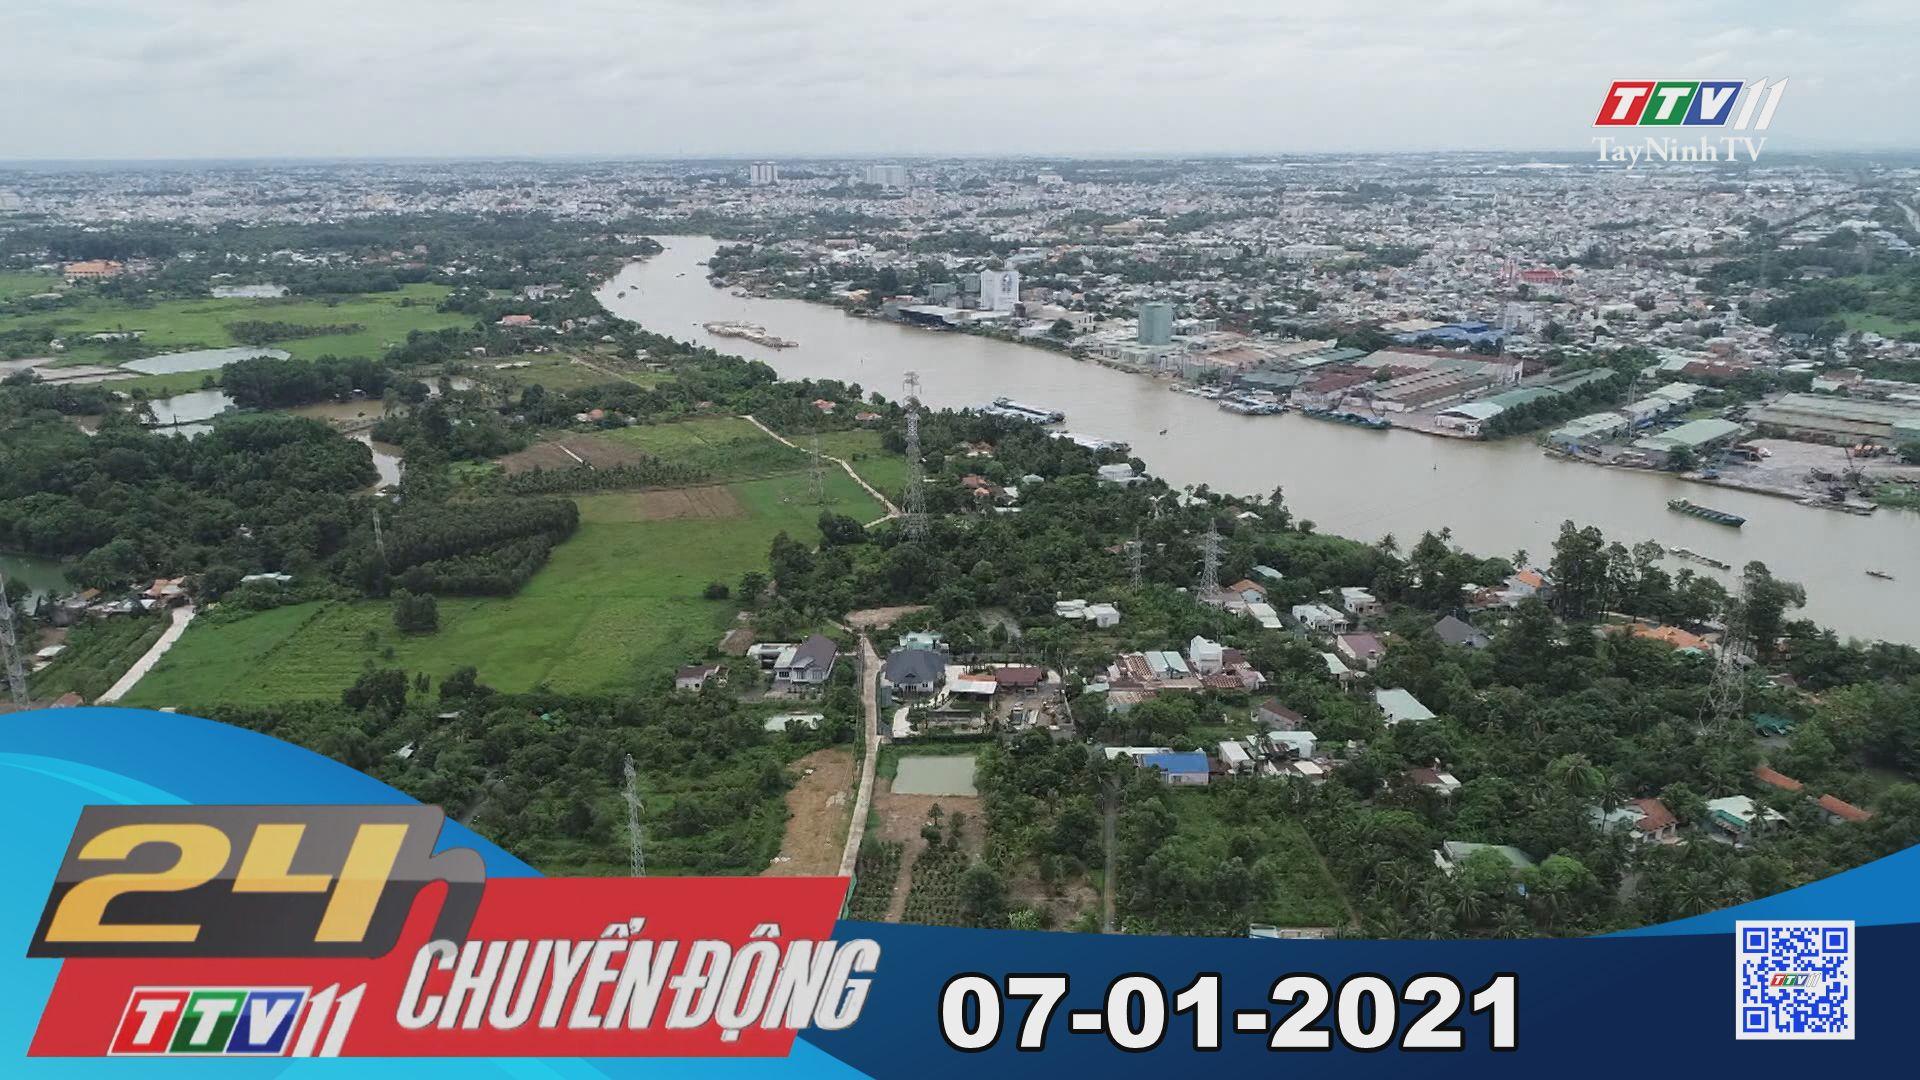 24h Chuyển động 07-01-2021 | Tin tức hôm nay | TayNinhTV